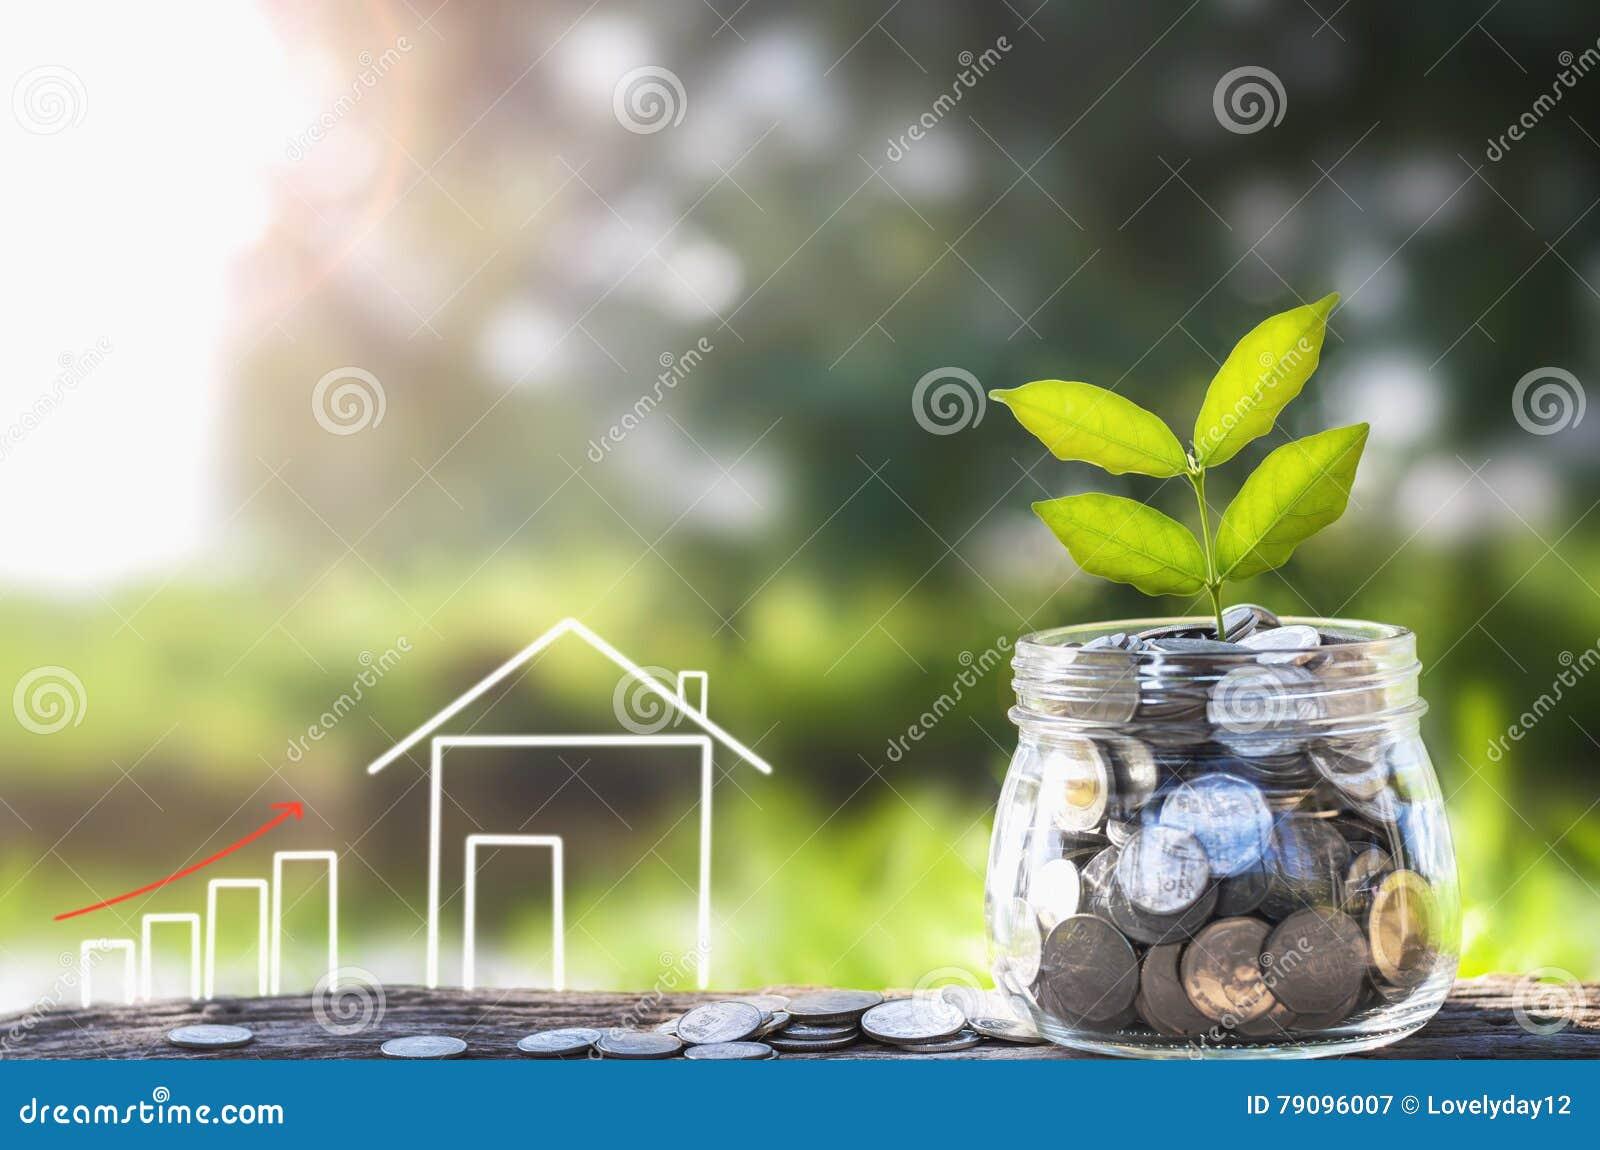 Soldi e pianta crescenti, concetto di risparmio dei soldi, concetto del risparmio finanziario per comprare una casa